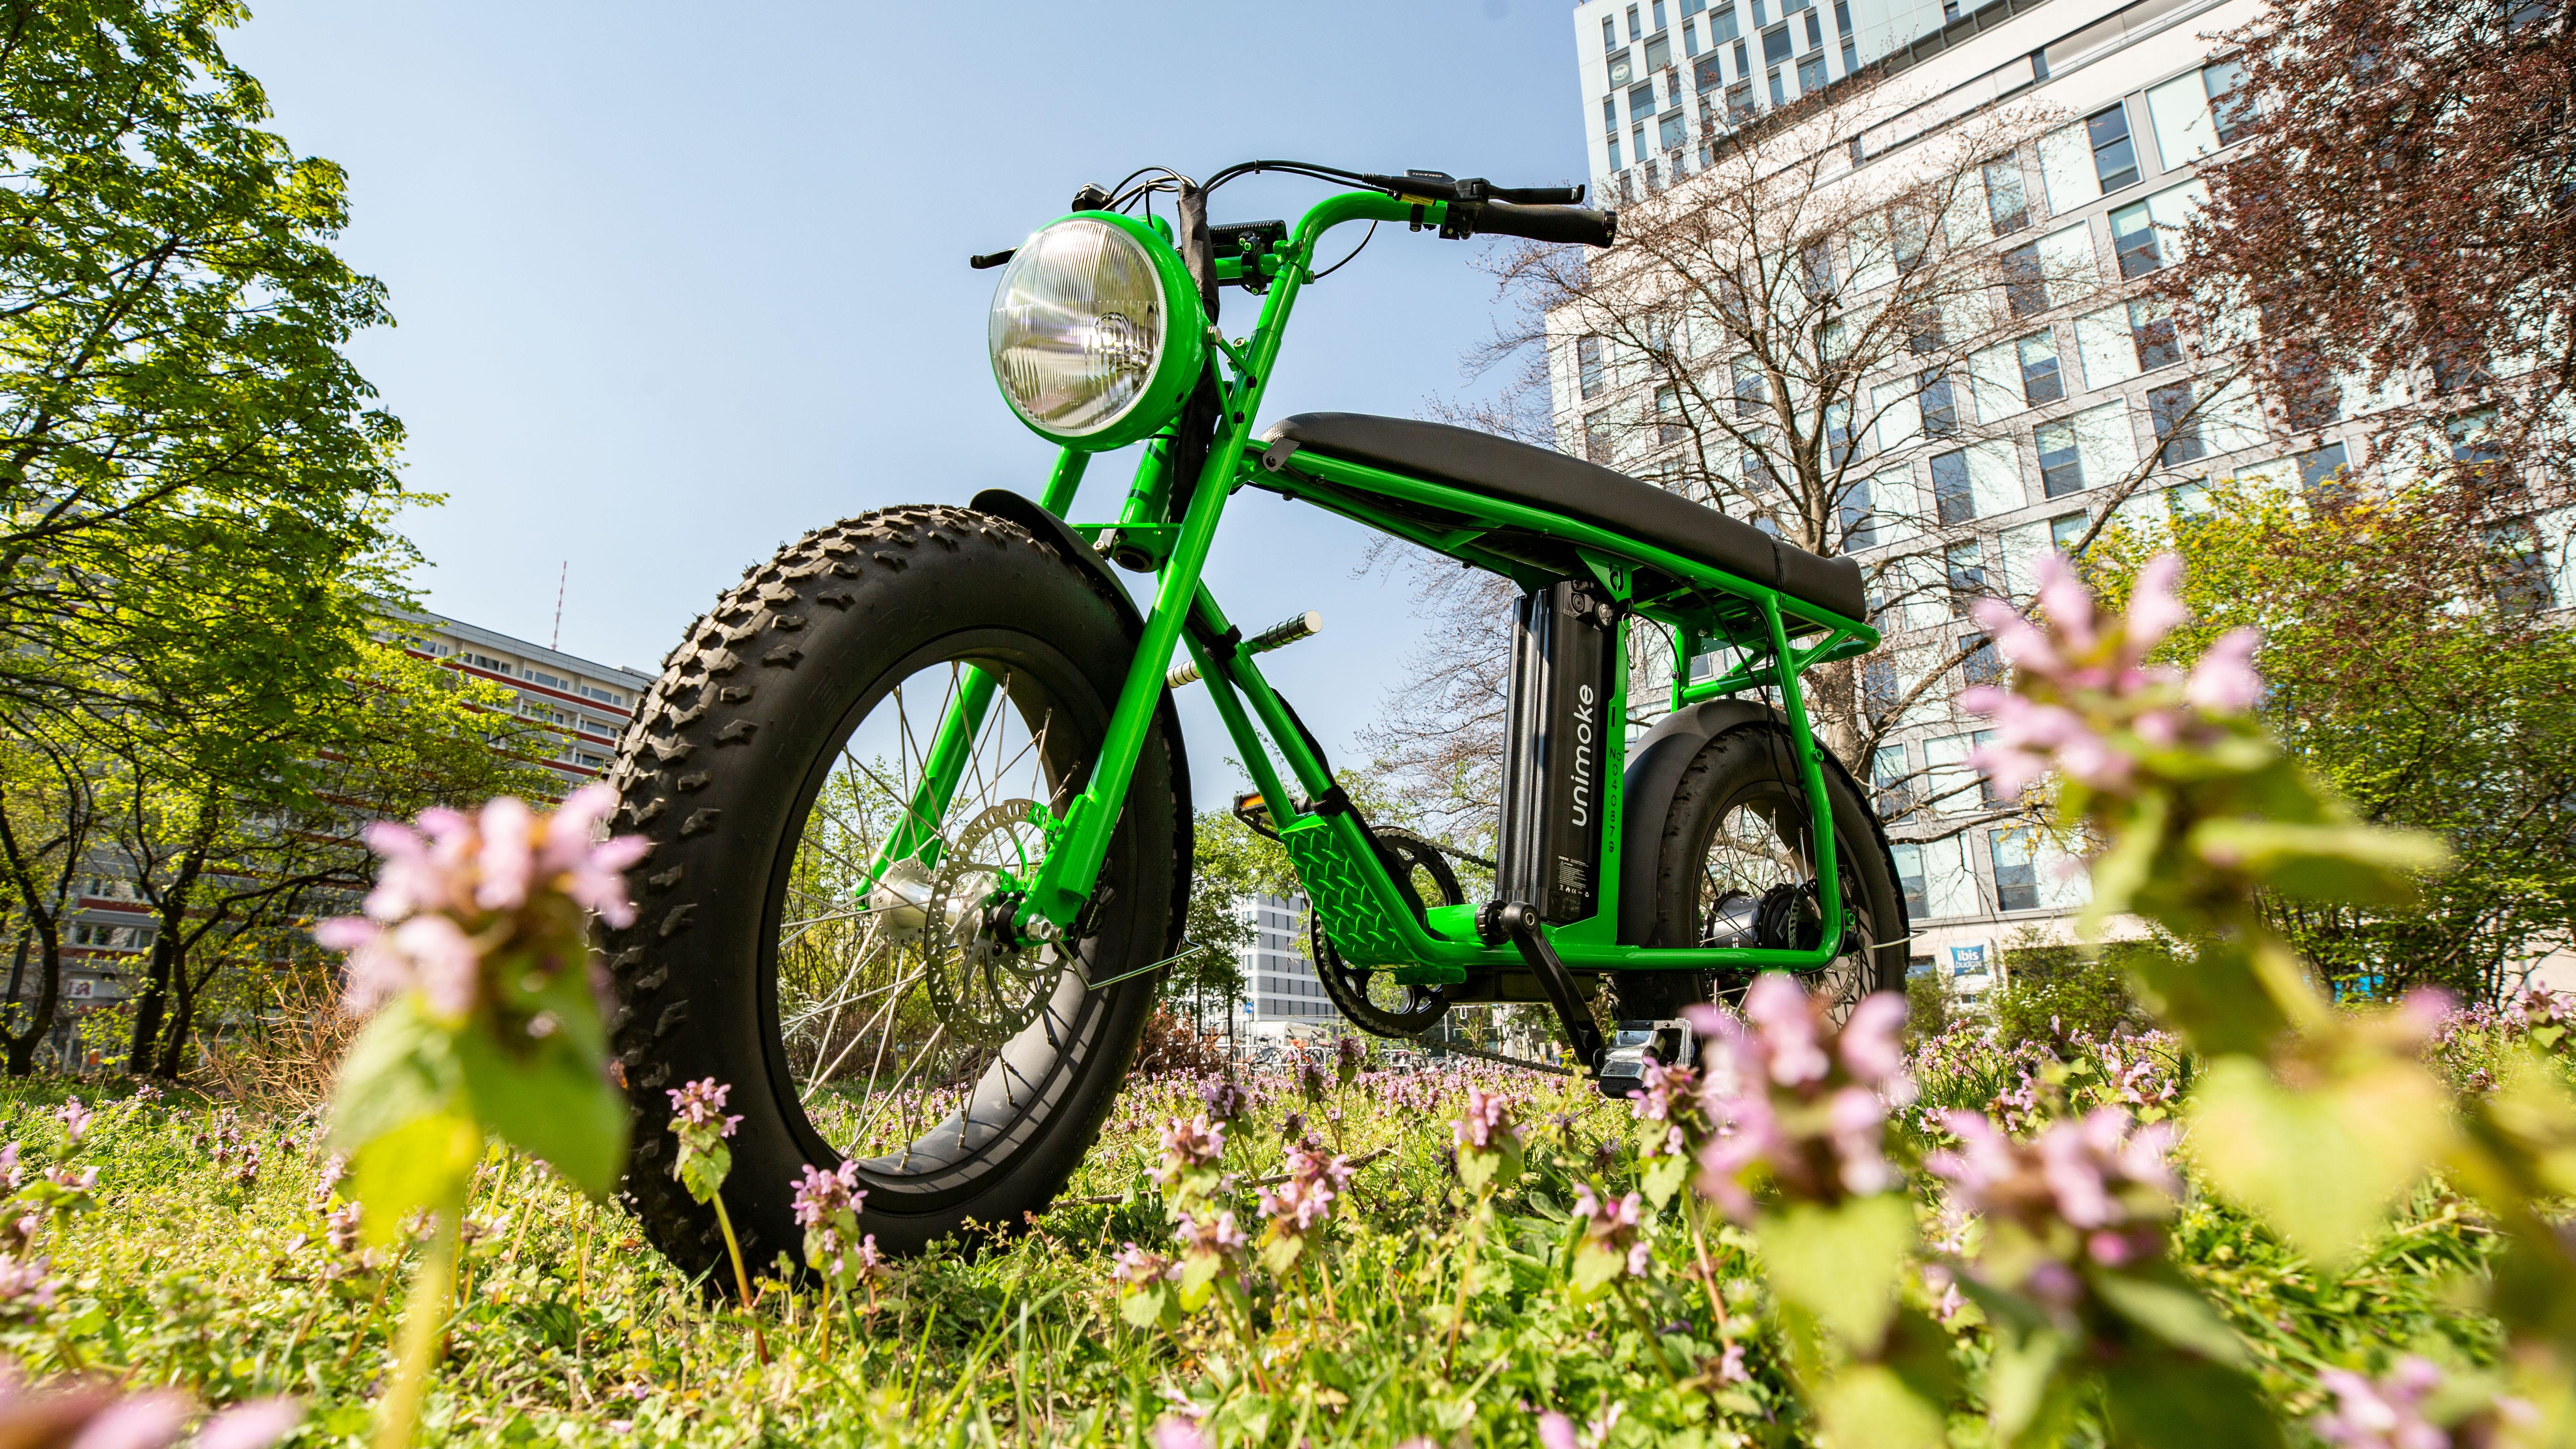 Raus aufs Rad - und zwar mit diesen 7 tollen E-Bikes!